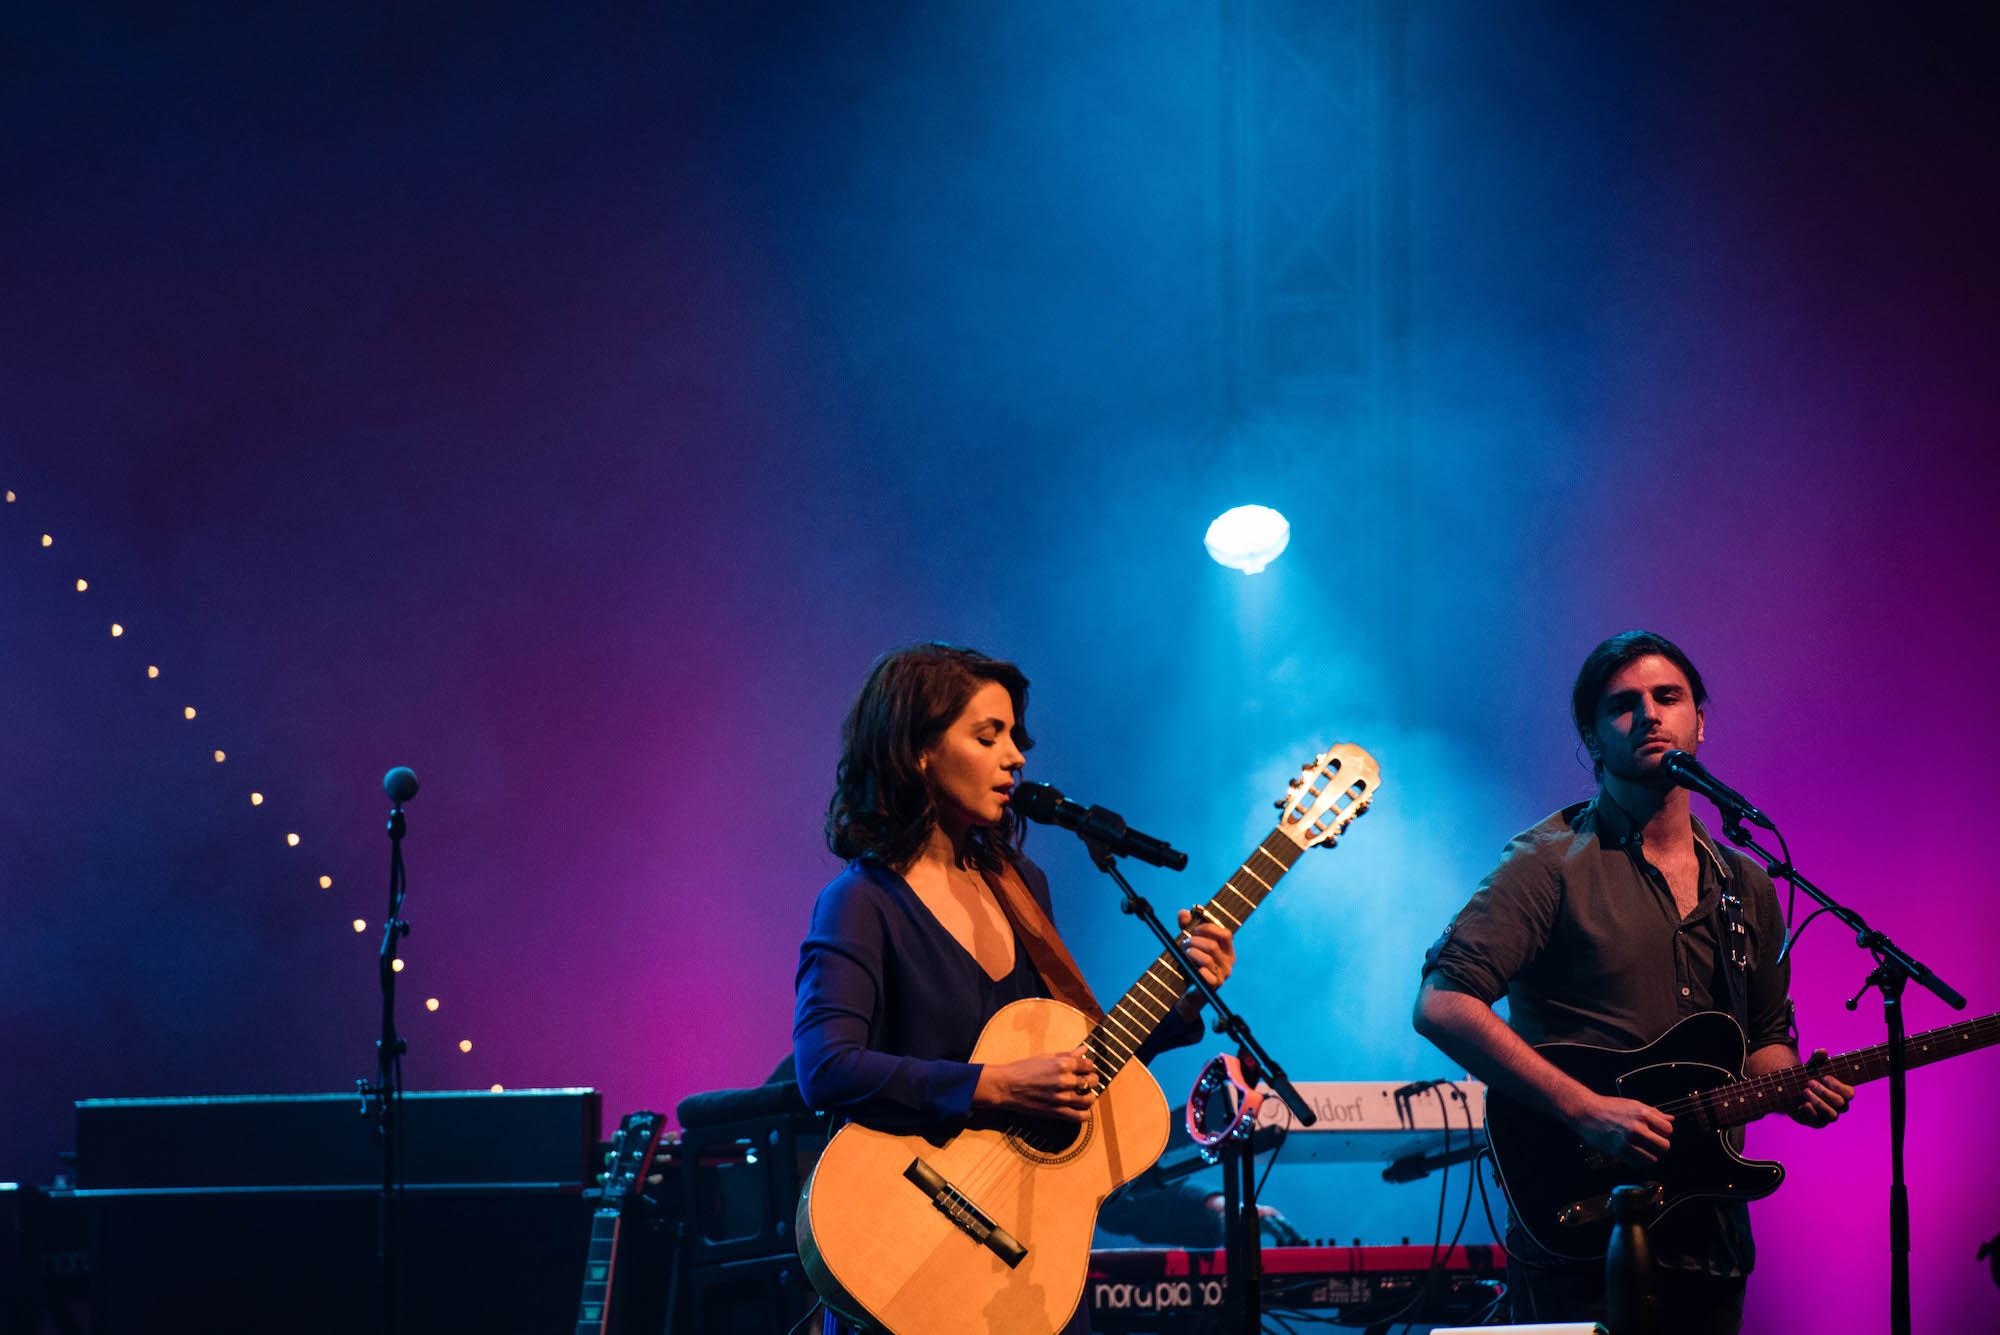 Katie Melua im Konzertsaal.